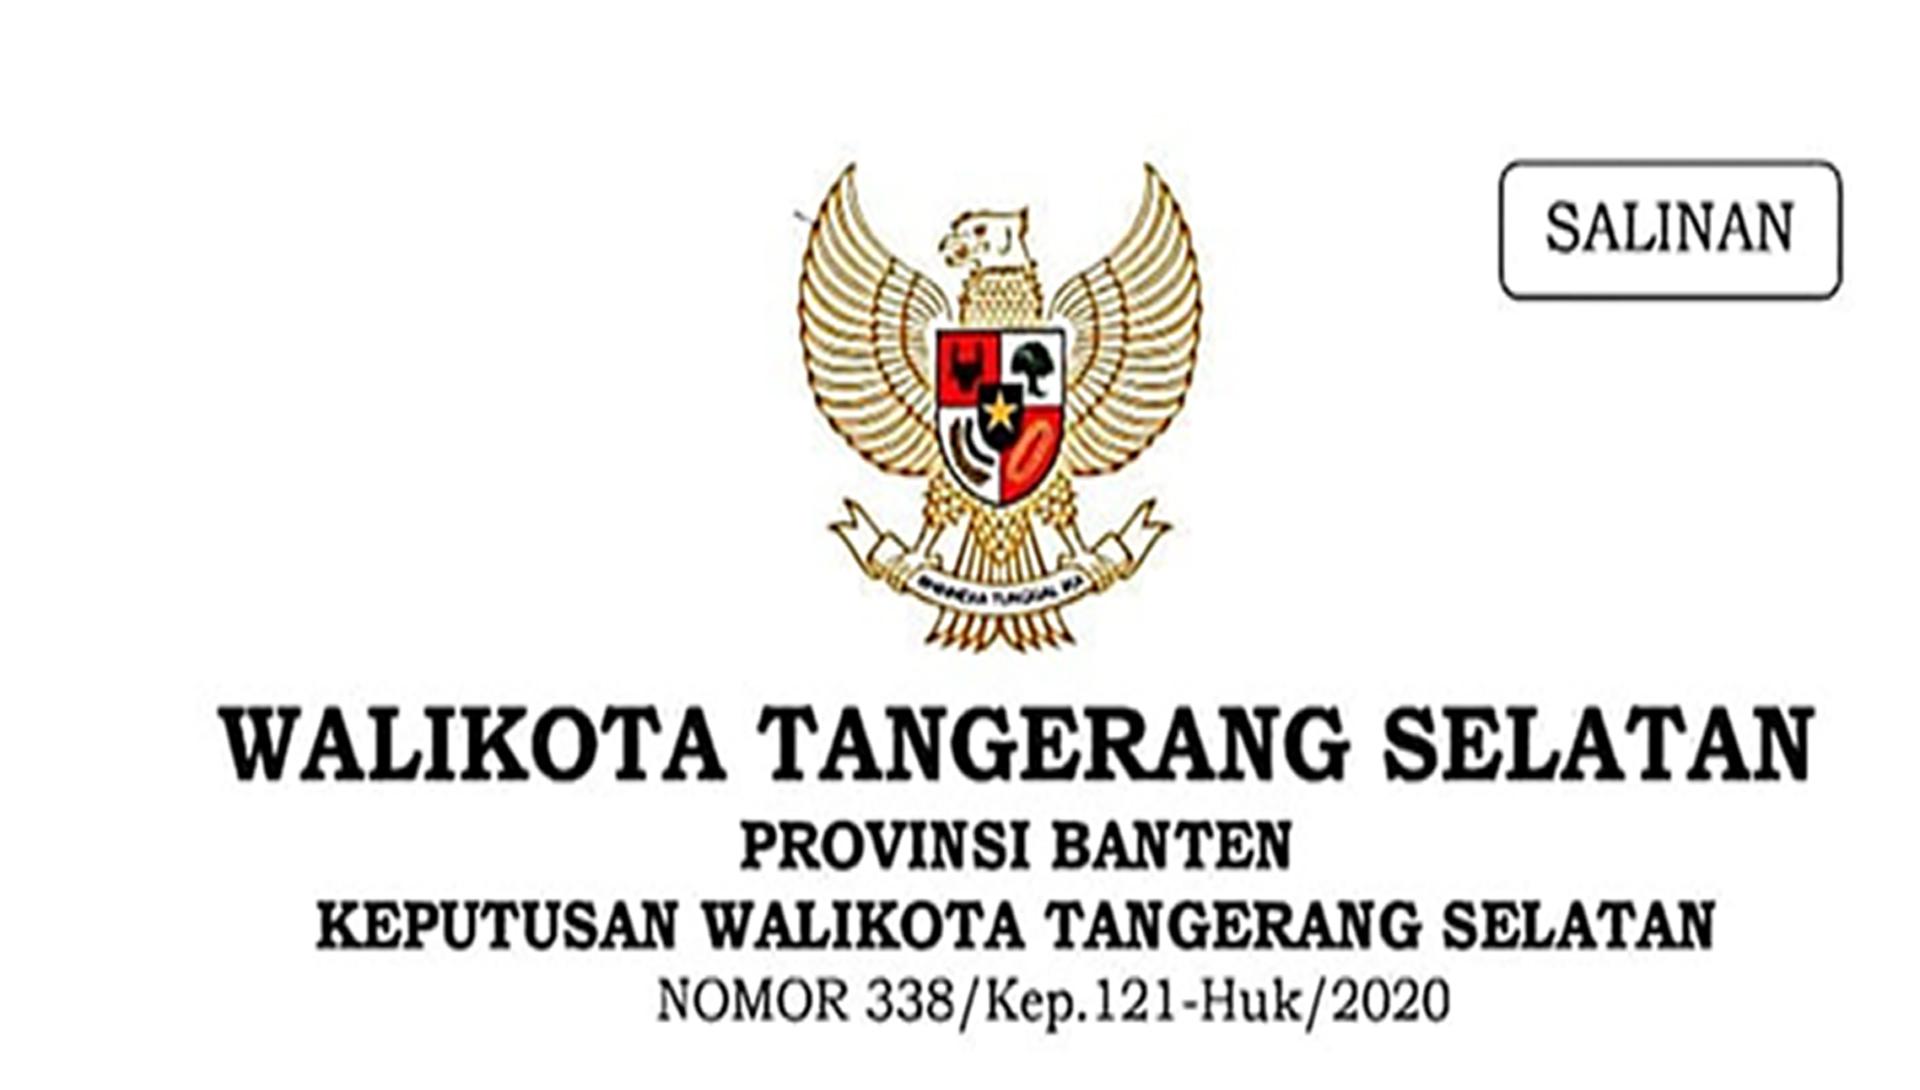 Perwal Nomor 338/Kep.121-Huk/2020